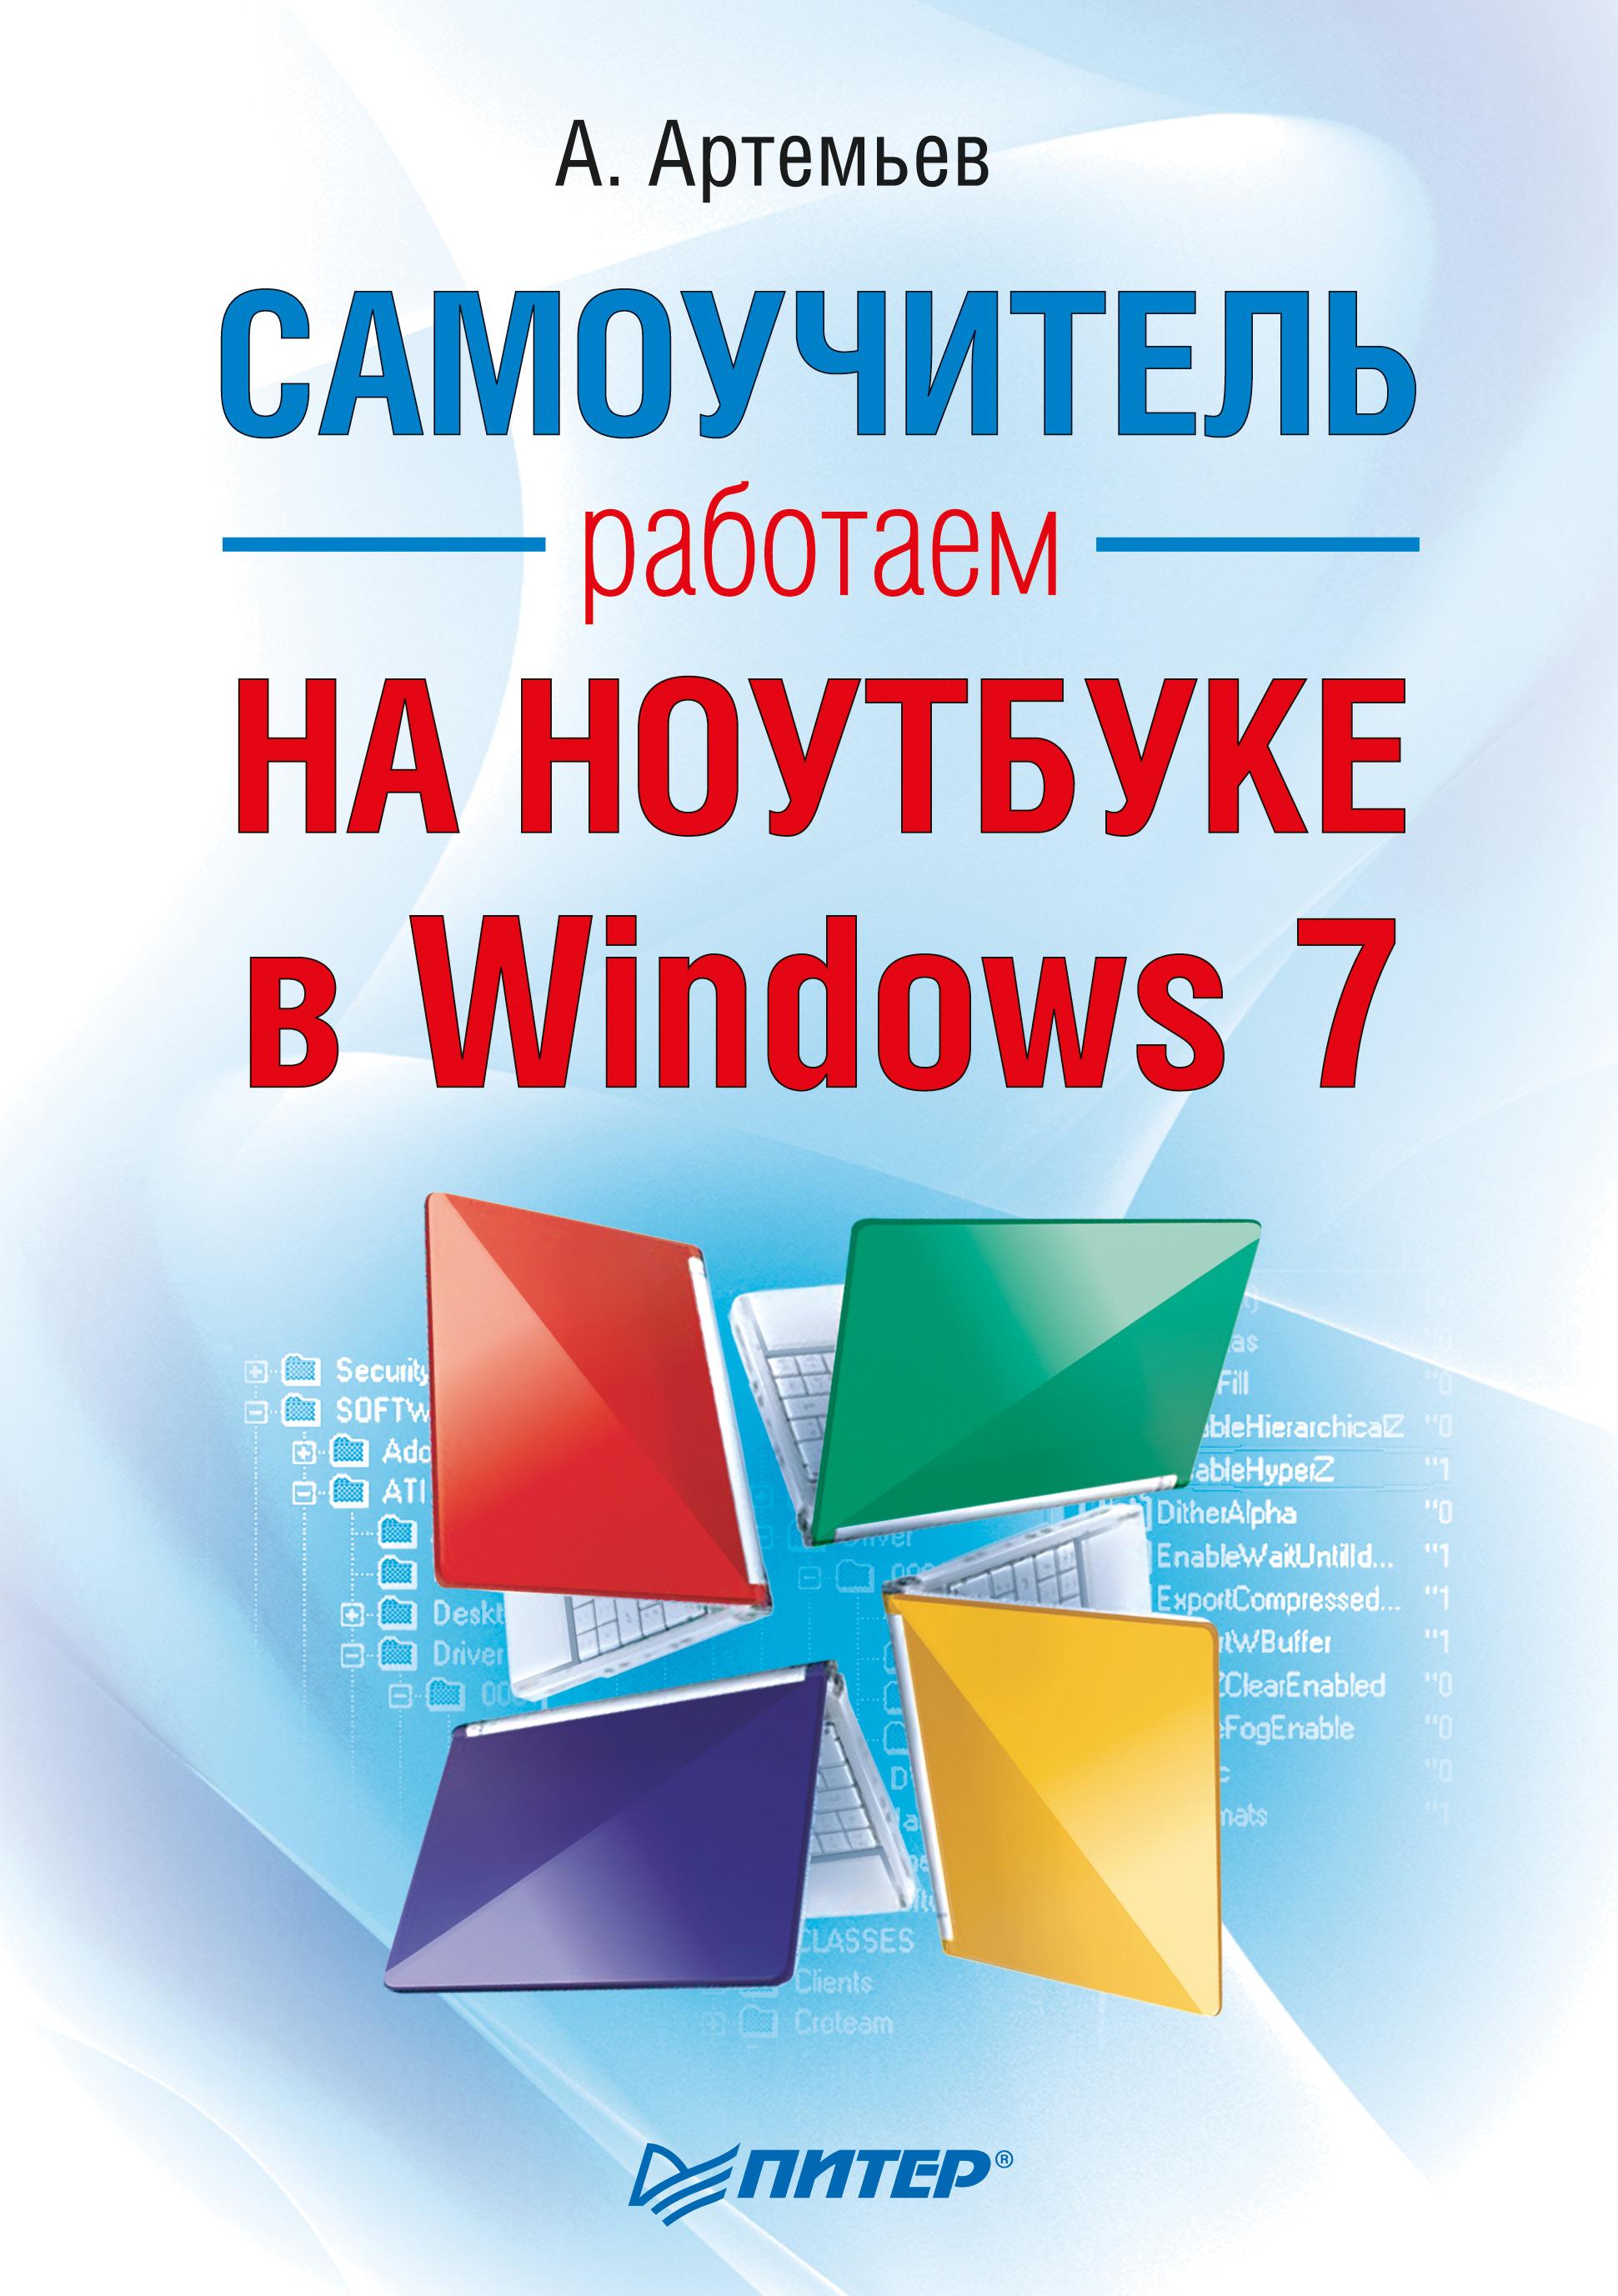 А. Артемьев Работаем на ноутбуке в Windows 7. Самоучитель а артемьев работаем на ноутбуке в windows 7 самоучитель